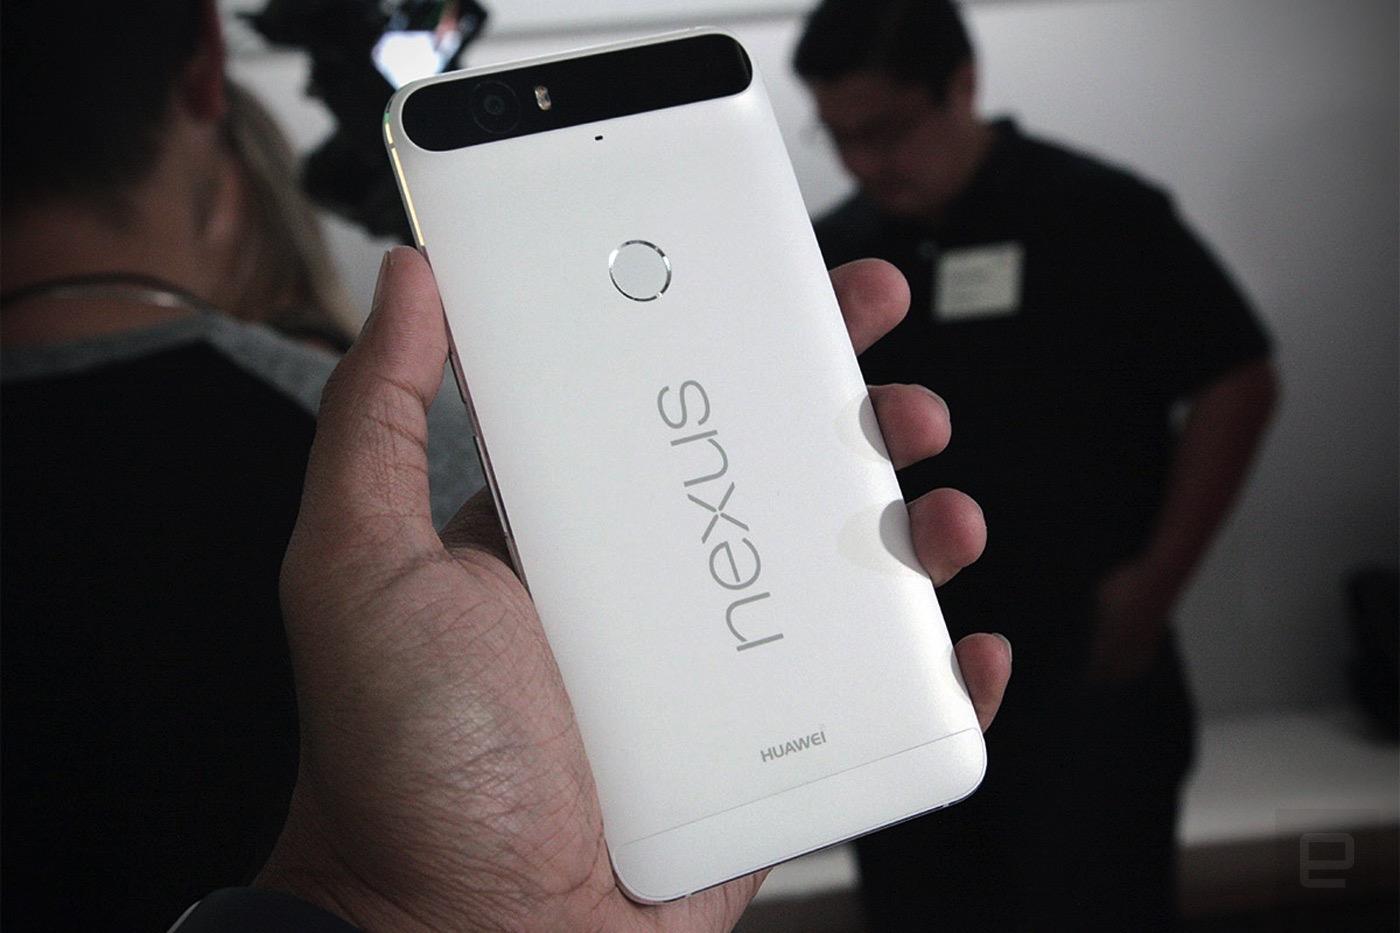 Google wants more control over Nexus smartphones